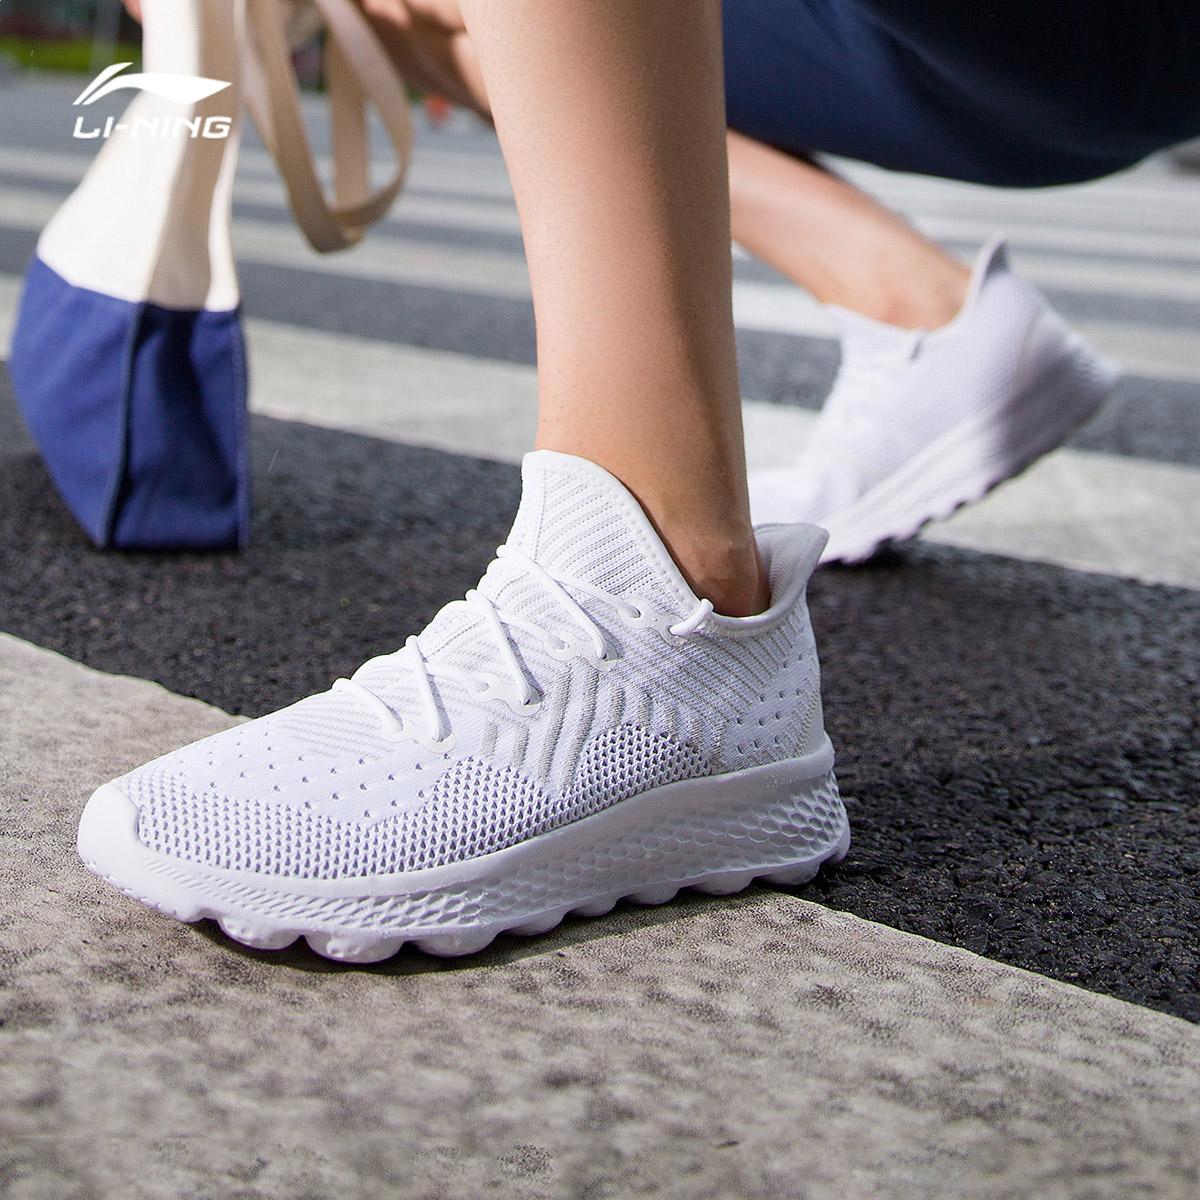 李宁跑步鞋男鞋2019新款eazgo舒适跑鞋秋冬季减震低帮运动鞋